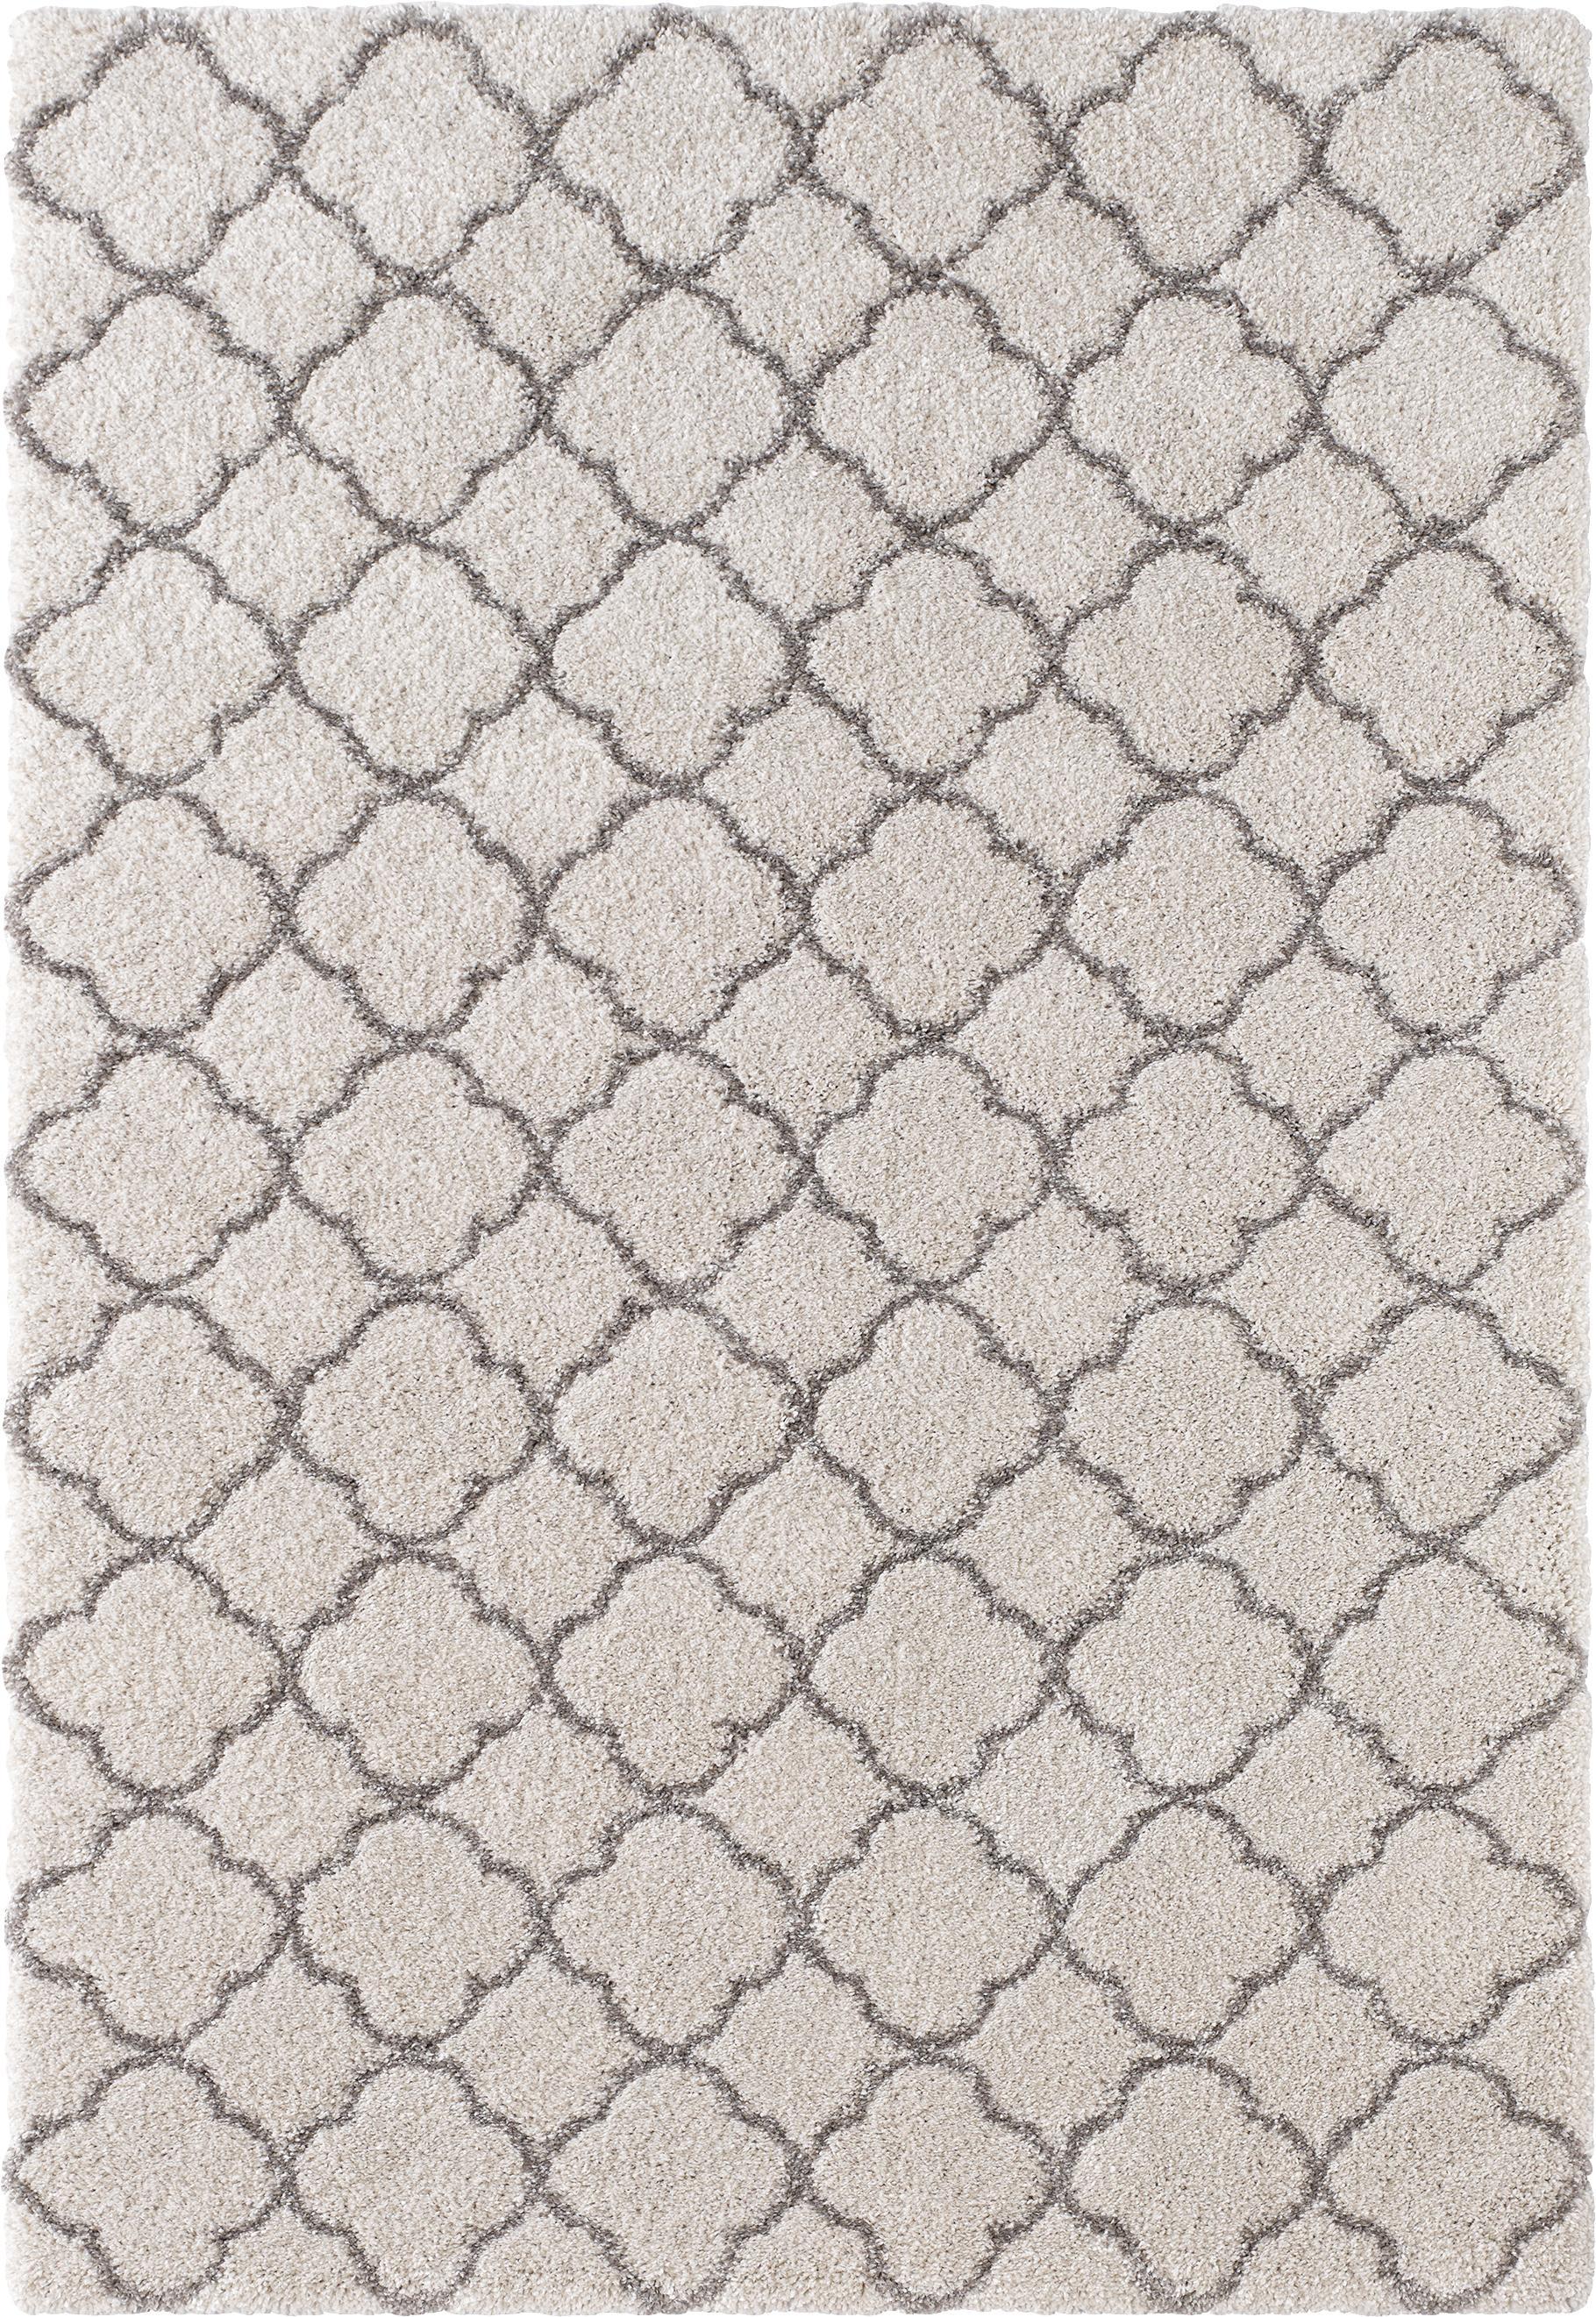 Hoogpolig vloerkleed Grace in roze/crème kleur, Bovenzijde: polypropyleen, Onderzijde: jute, Crèmekleurig, grijs, 80 x 150 cm